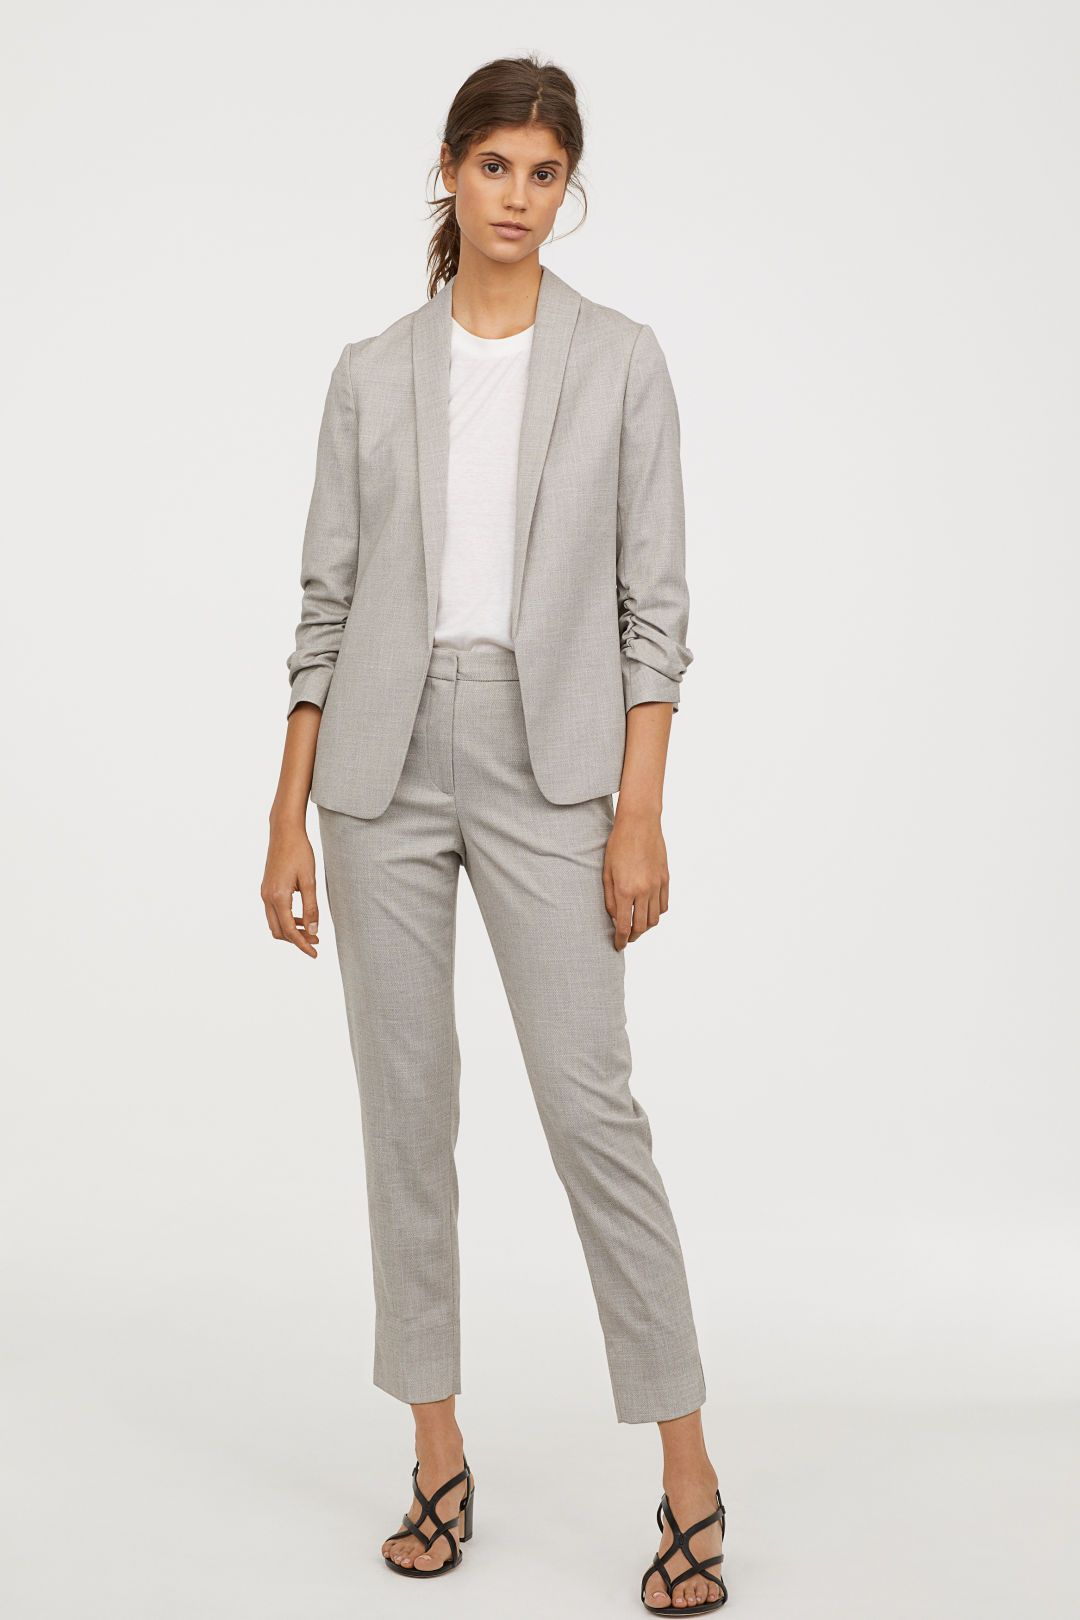 Verwonderend Geklede broek | Broeken, Nette kleding, Werkkleding dames SH-99